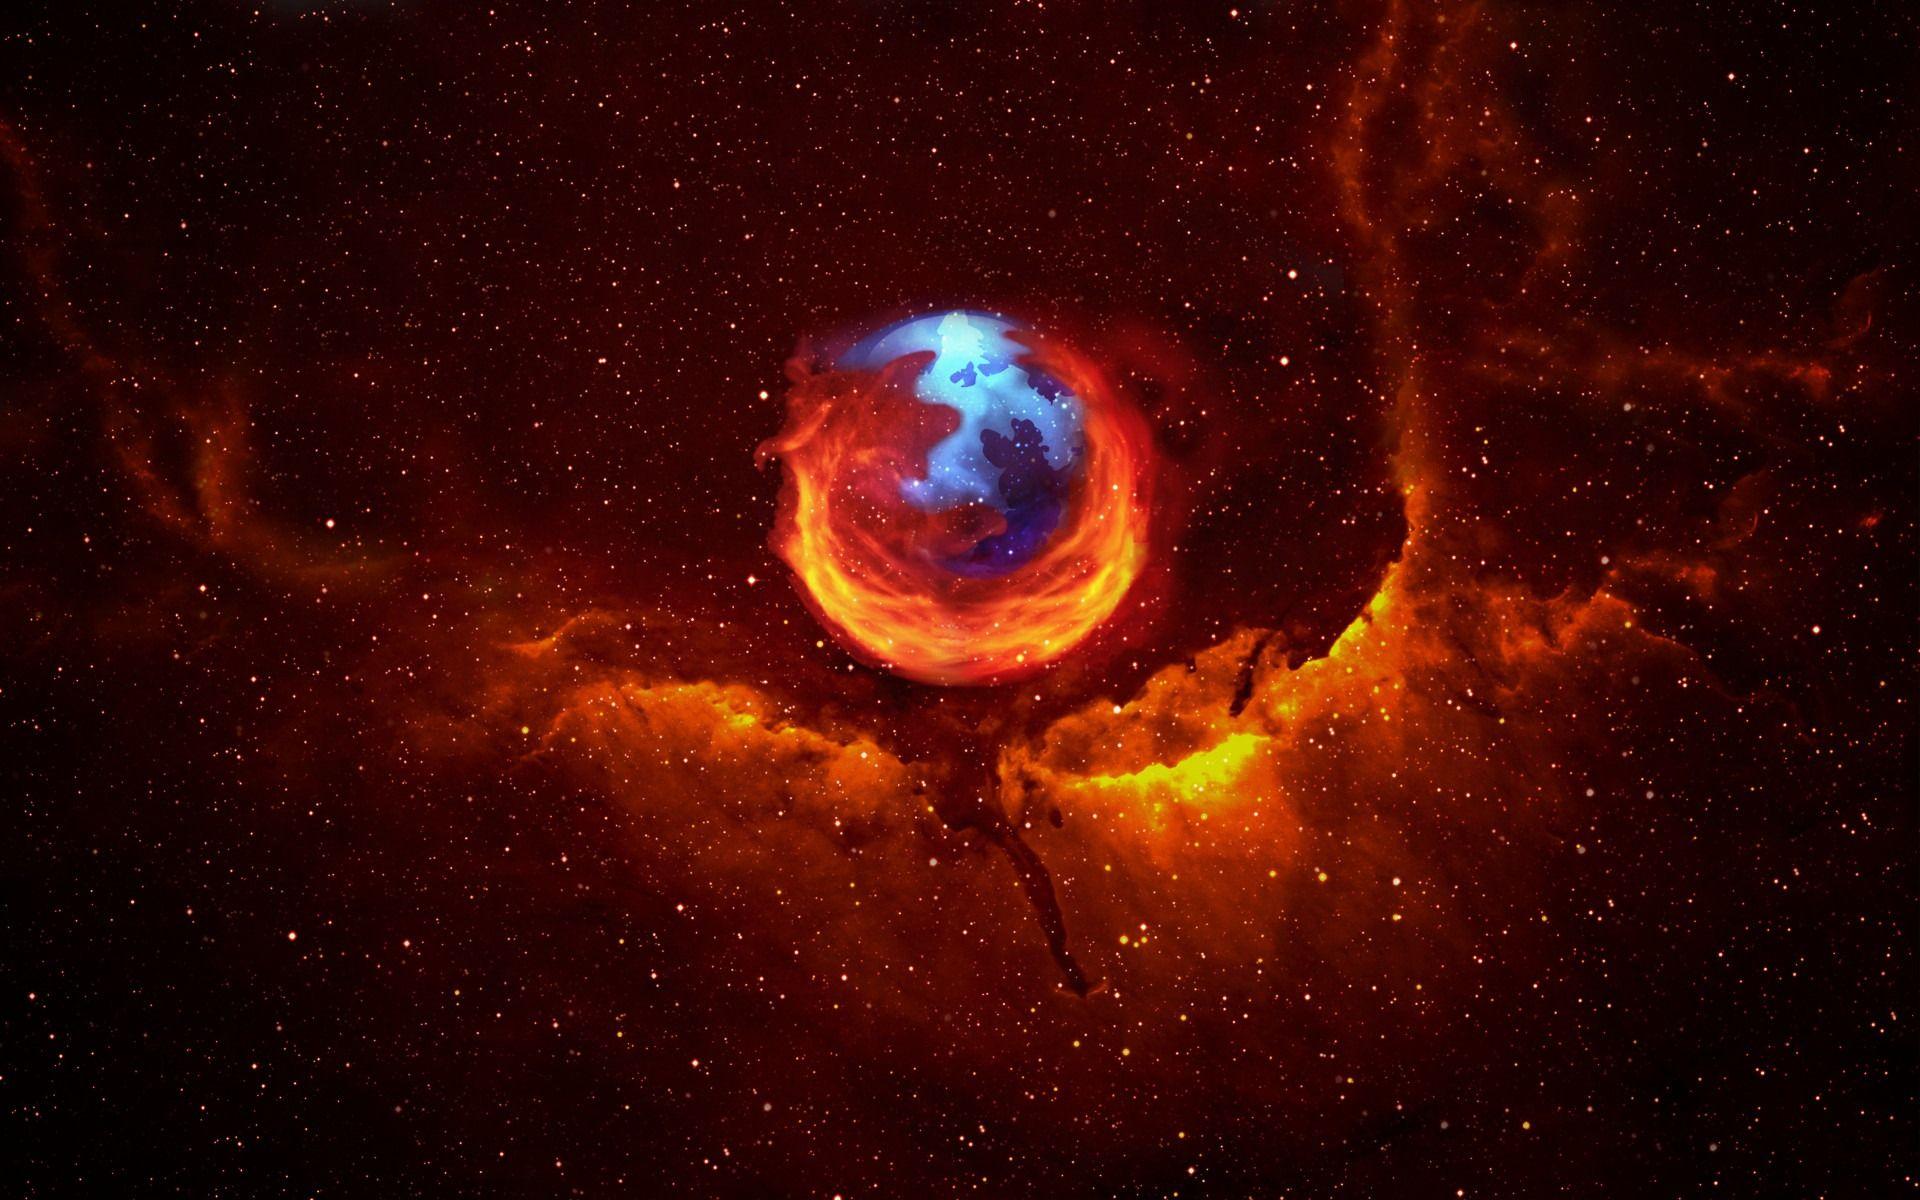 Color Landscapes Wallpaper Planet Photo Containing Wallpapers Firefox Nebula Wallpaper Nebula Hubble Images